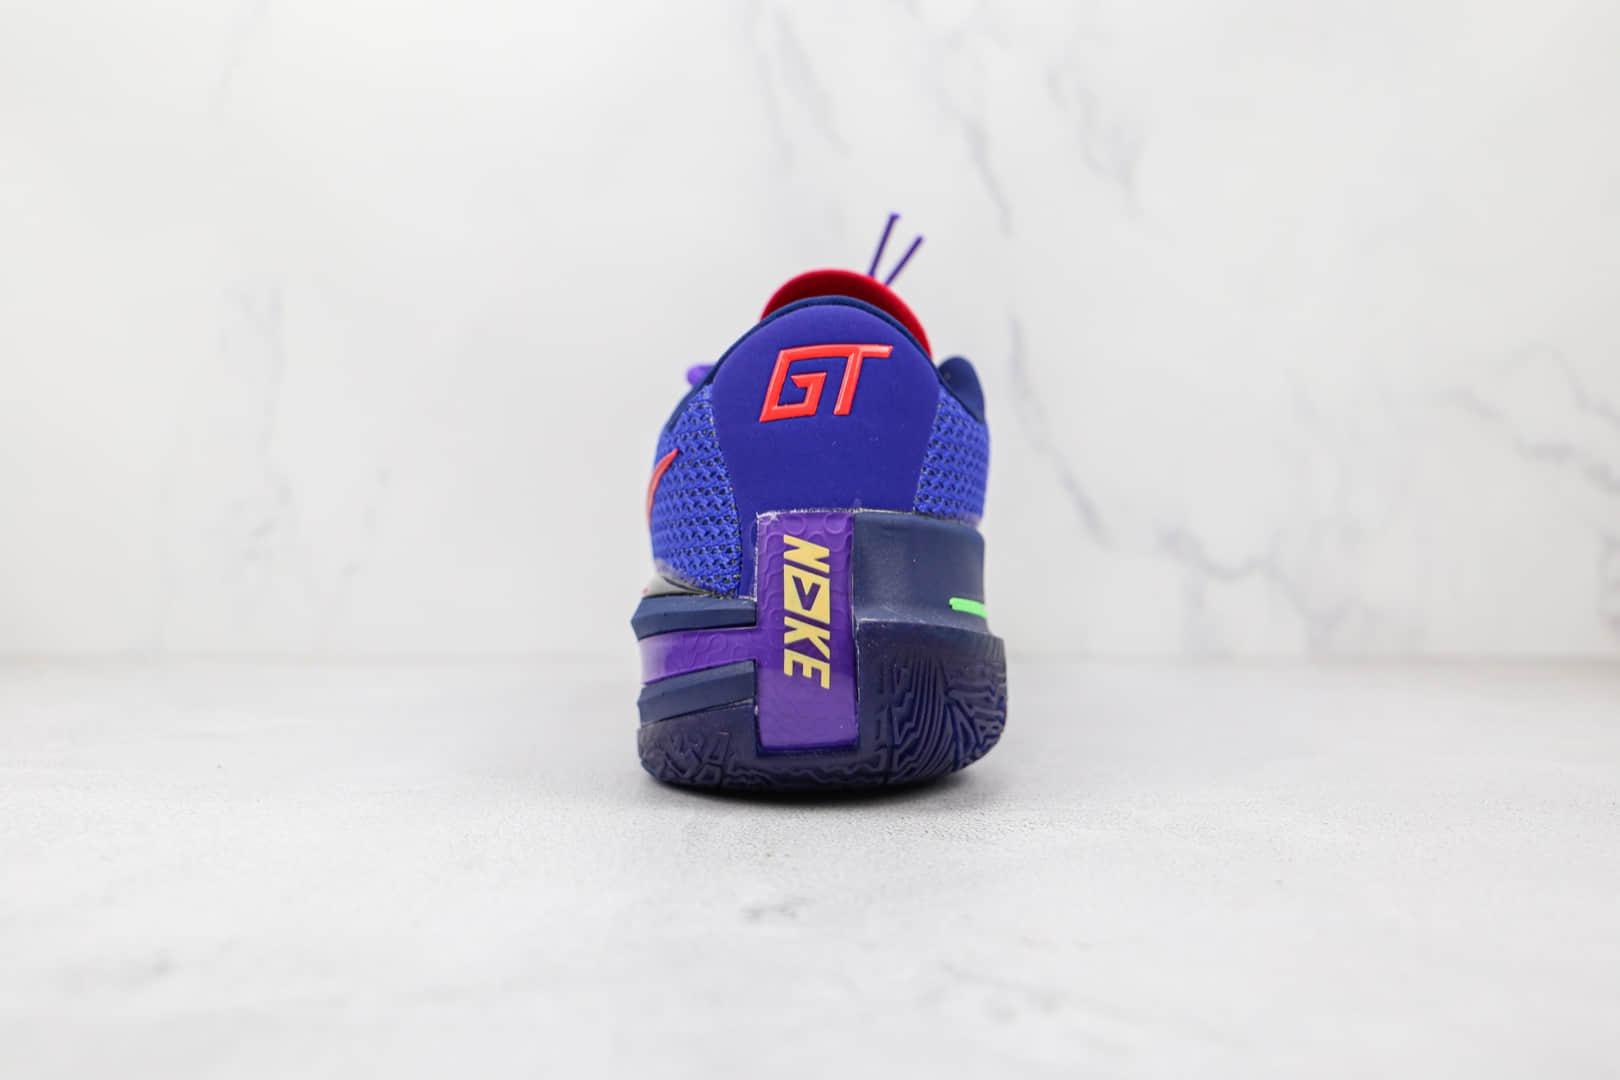 耐克Nike Zoom GT Cut纯原版本蓝红紫色GT篮球鞋内置气垫支持实战 货号:CZ0175-400